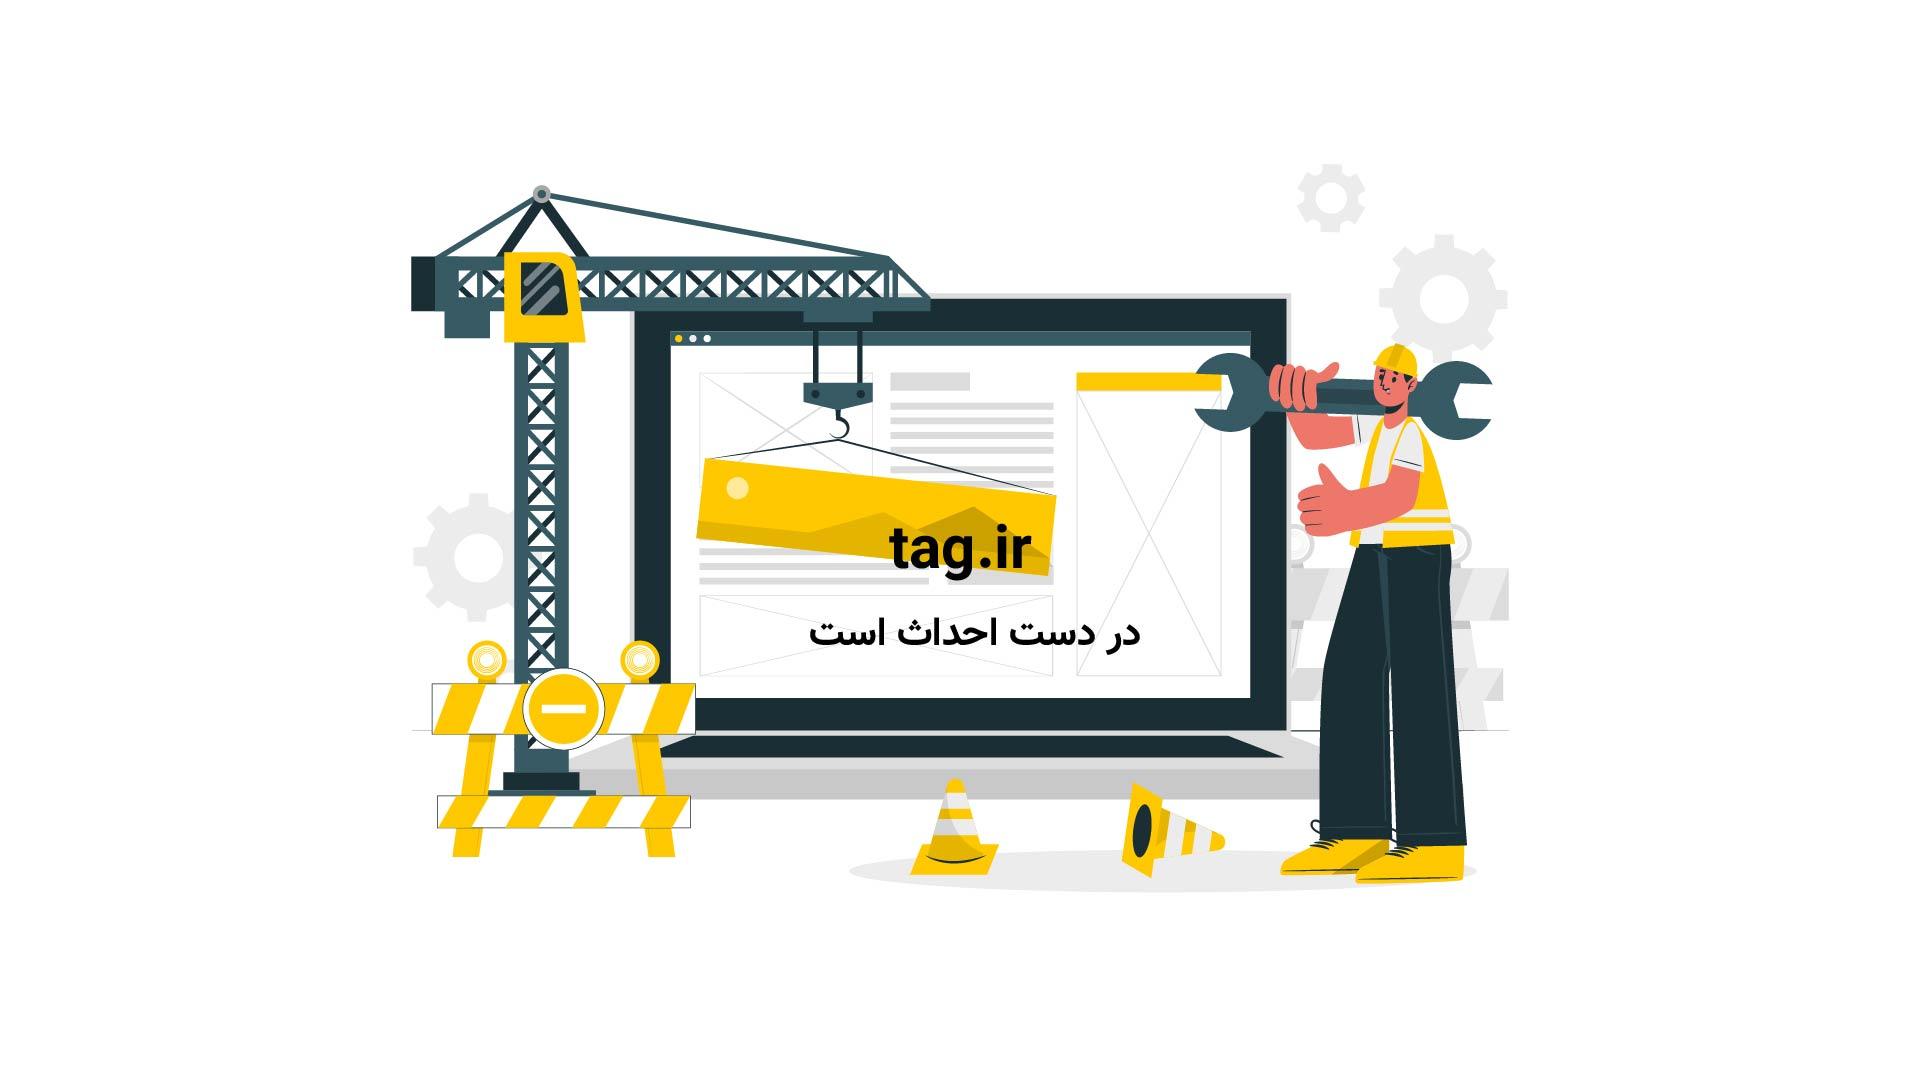 نبرد شیر و بوفالوی نر | تگ